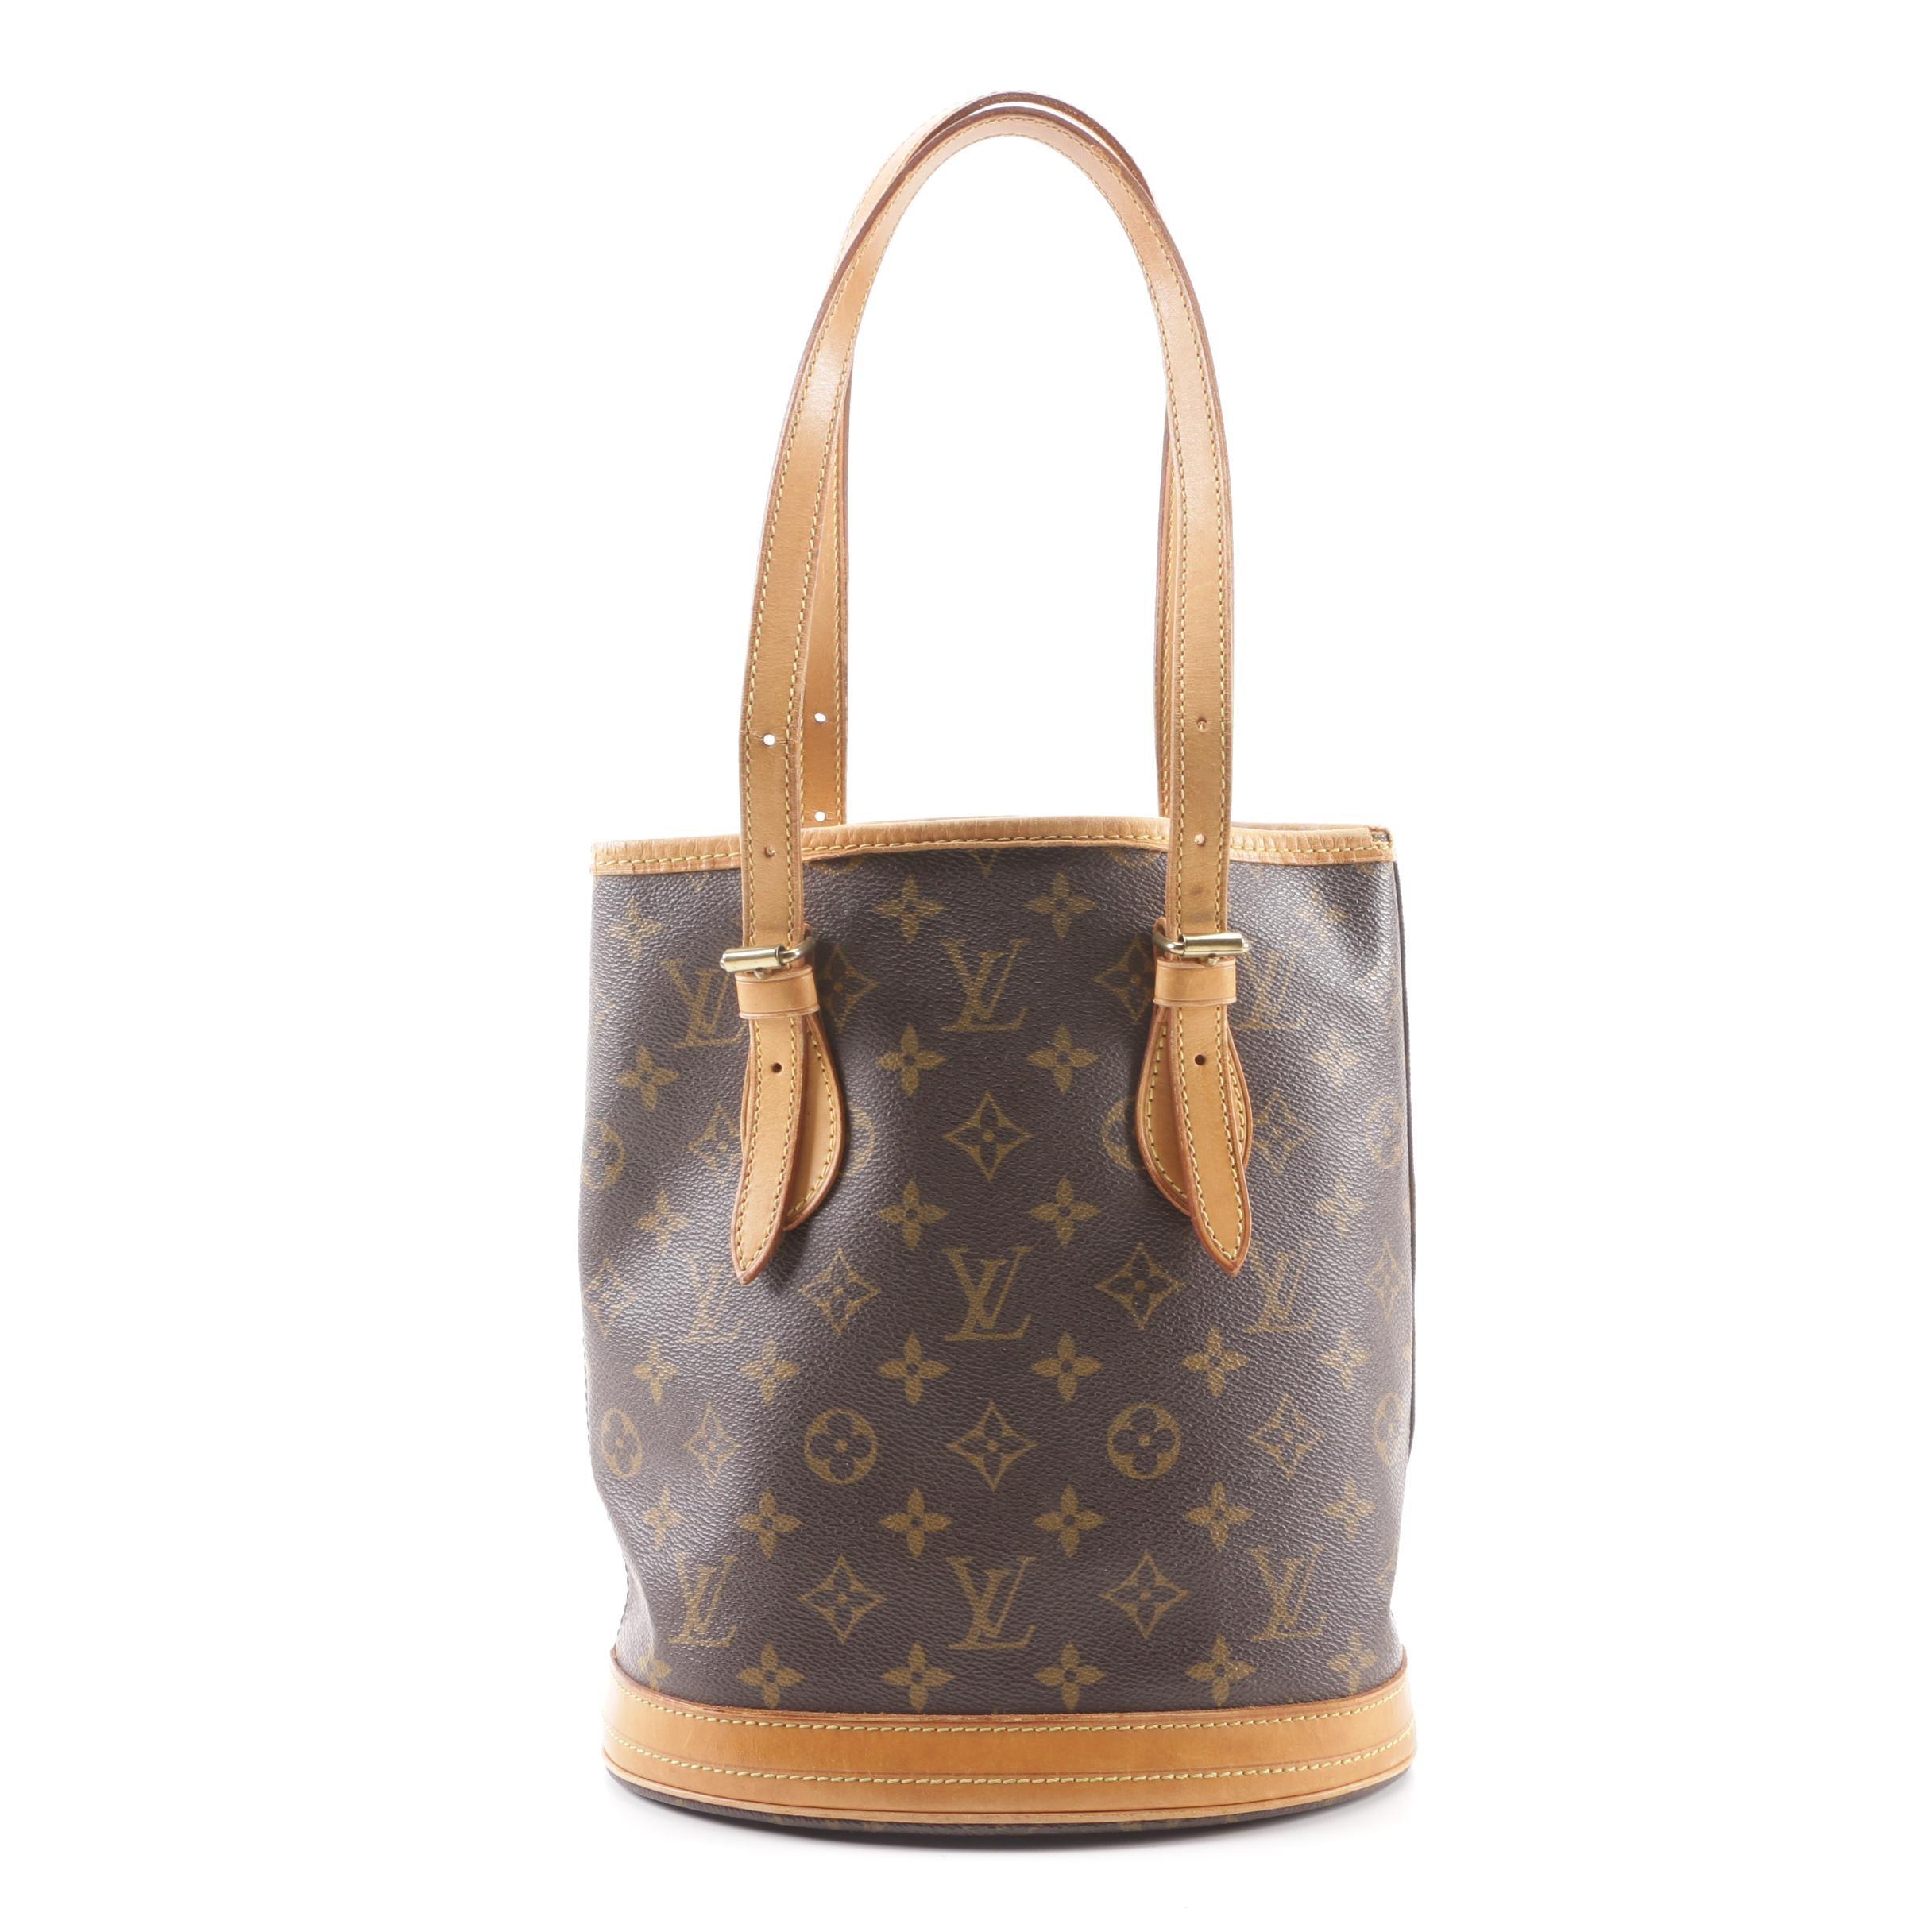 1998 Vintage Louis Vuitton Paris Monogram Canvas Petite Bucket Bag